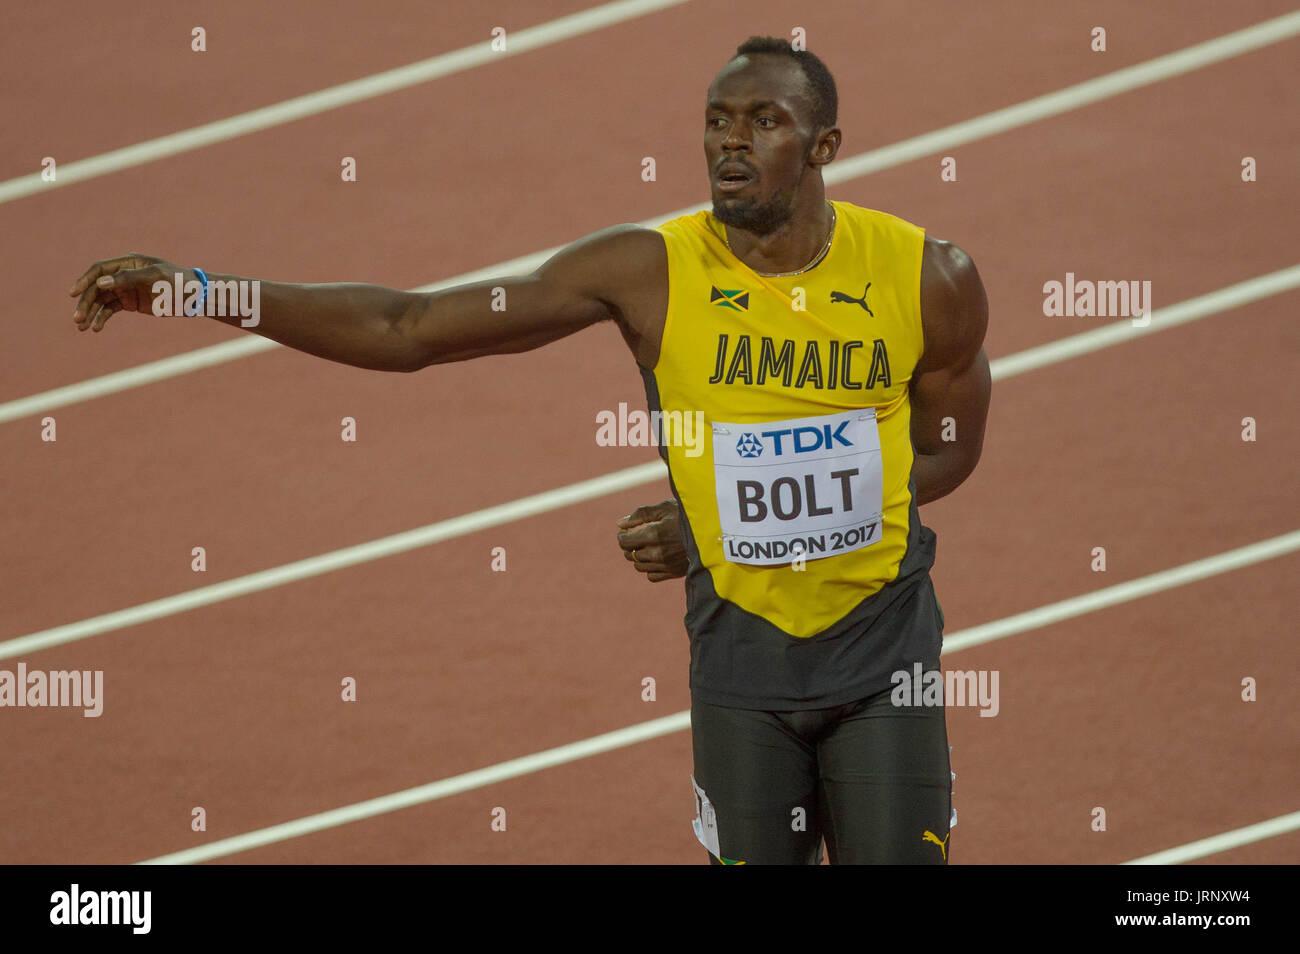 Londra, Regno Unito. 5 agosto 2017. Re Usain Bolt nel 6 100m serie presso la IAAF Campionati del Mondo nel 2017, Queen Elizabeth Olympic Park, Stratford, Londra, UK Credit: Laurent Lairys/Agence Locevaphotos/Alamy Live News Foto Stock